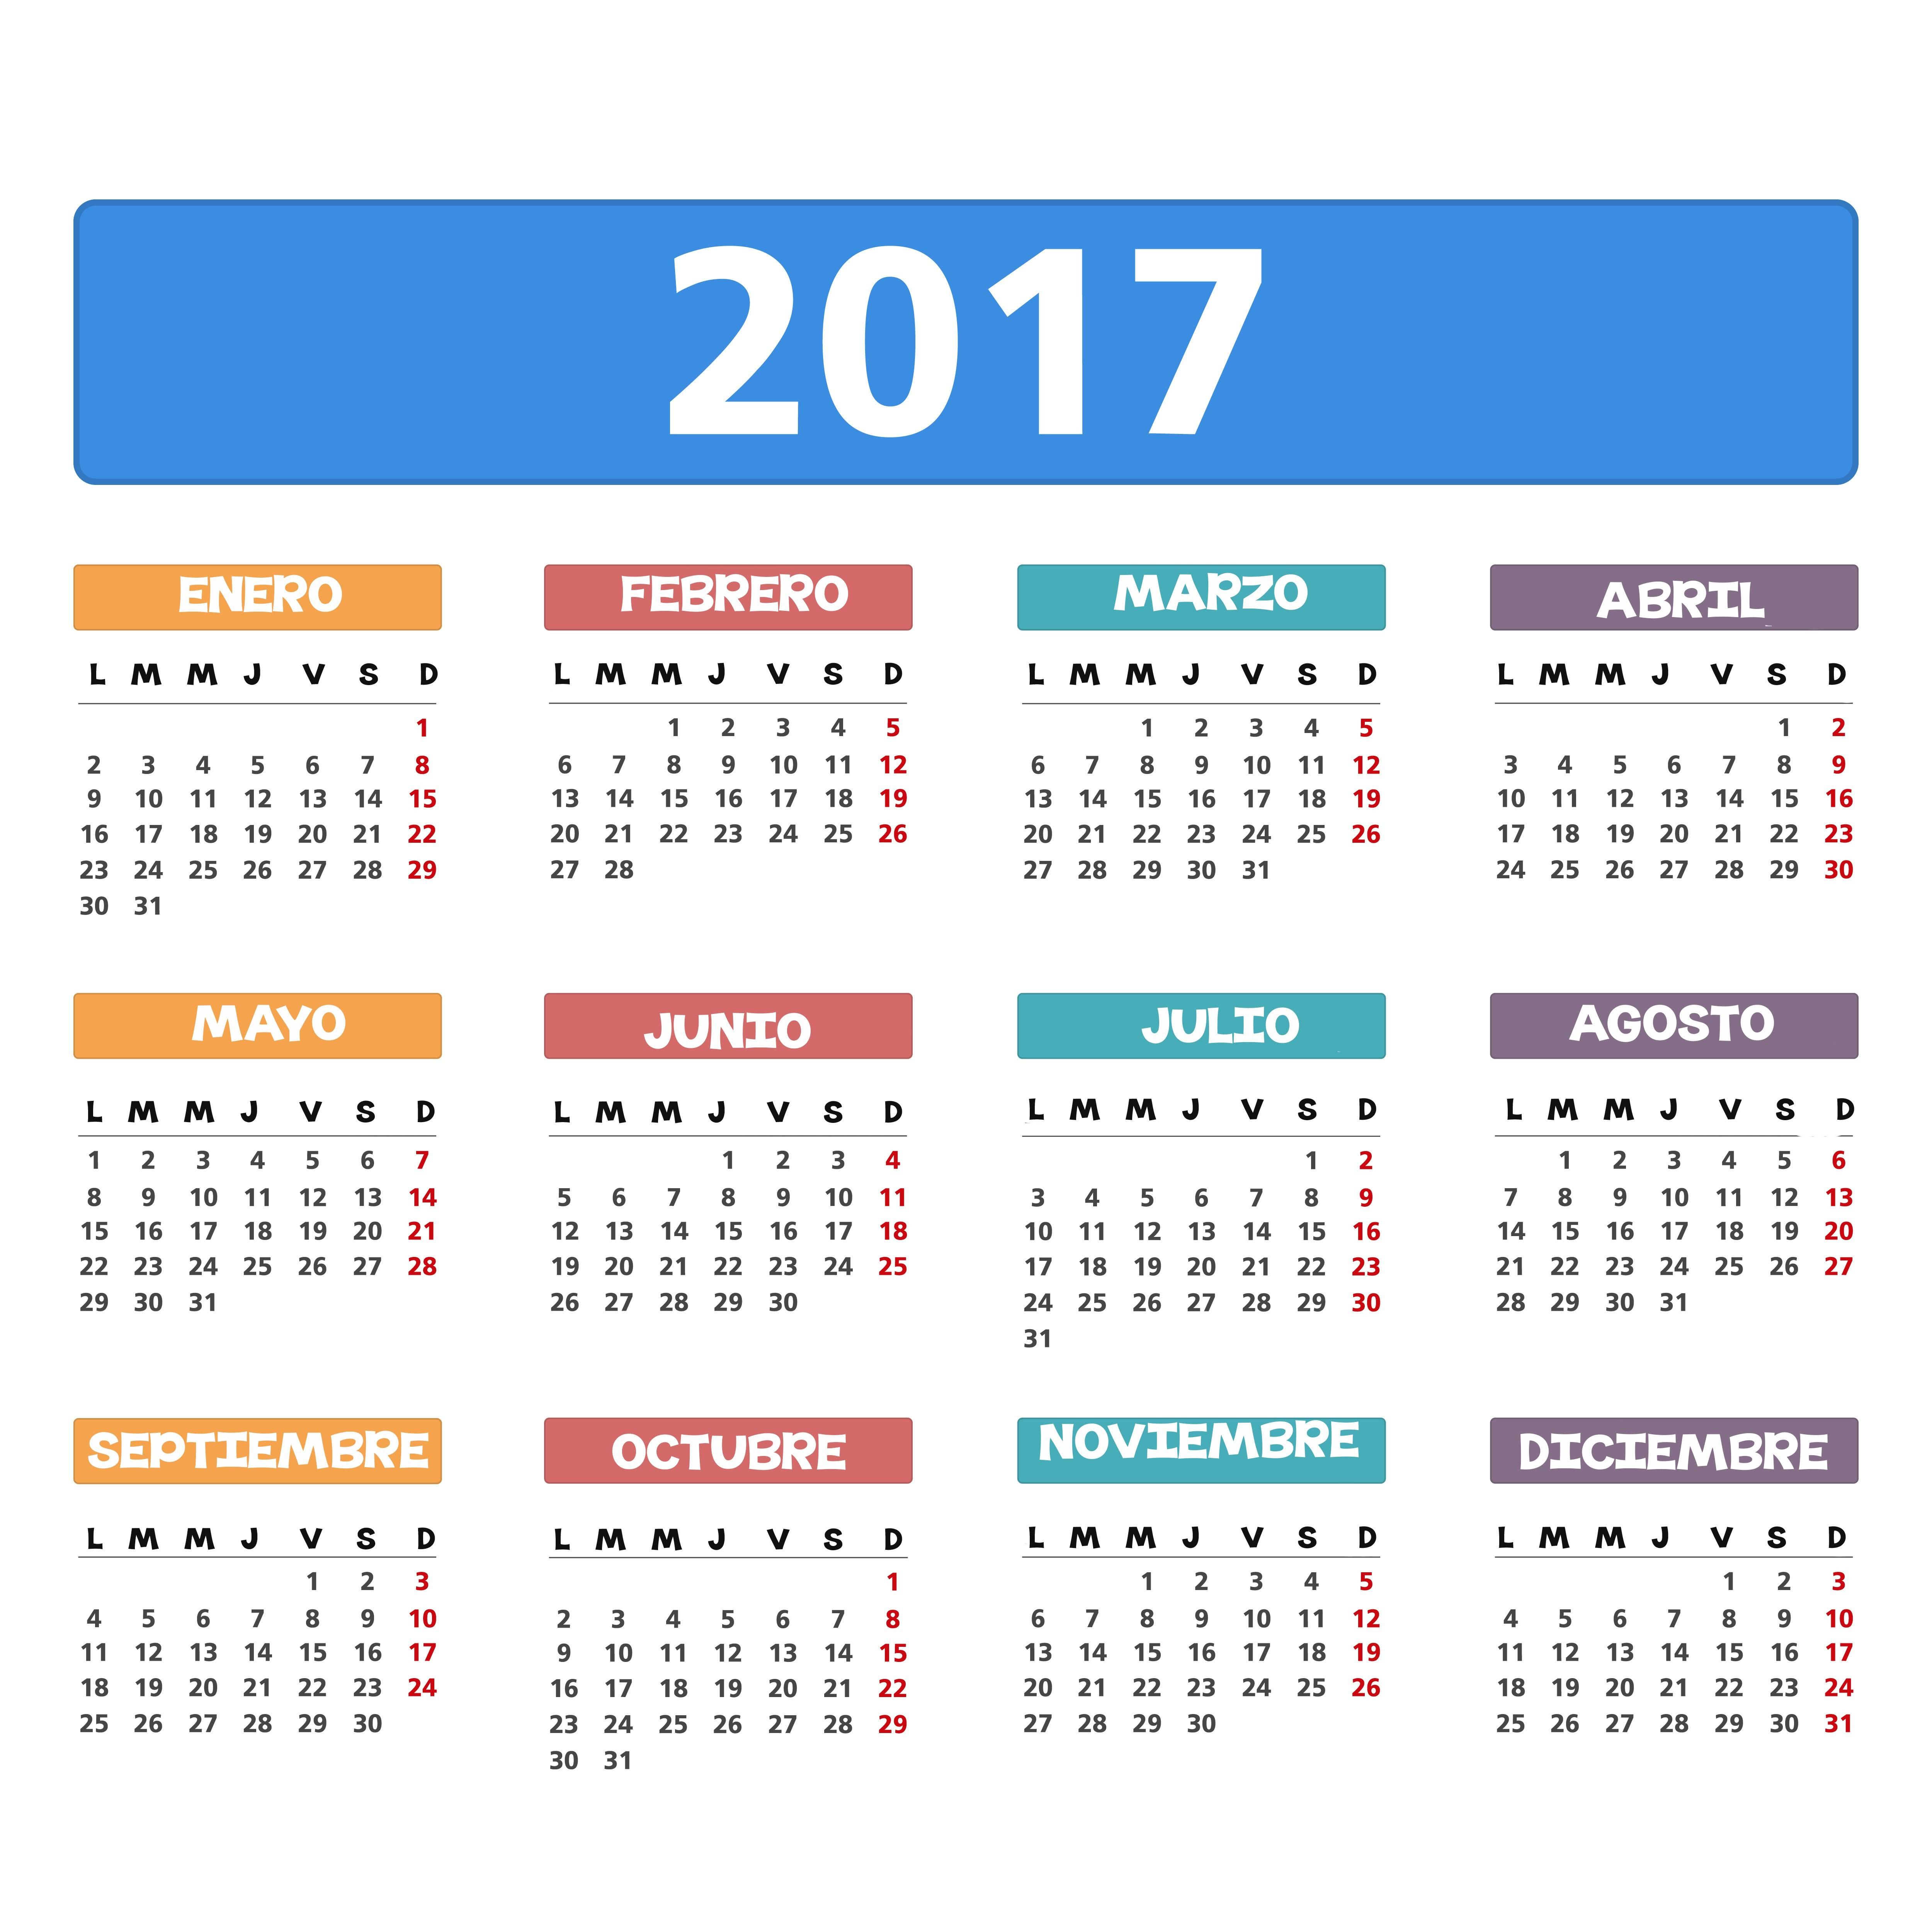 Calendario 2017 2018 Para Imprimir